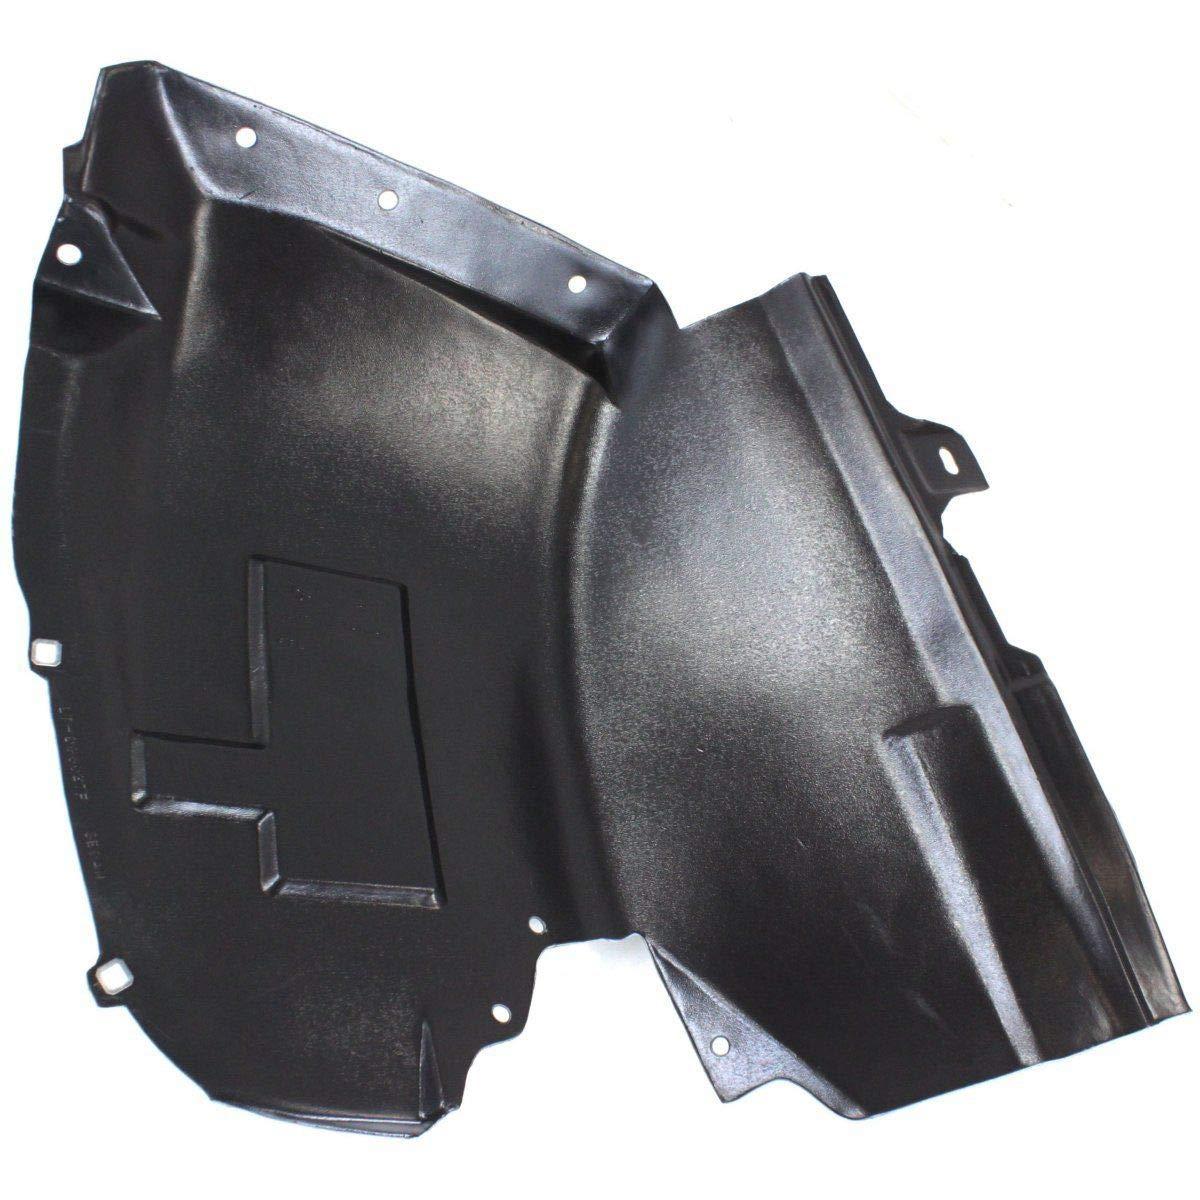 Driver Side Front Section Splash Shield For 2001-2006 Chrysler Sebring Front